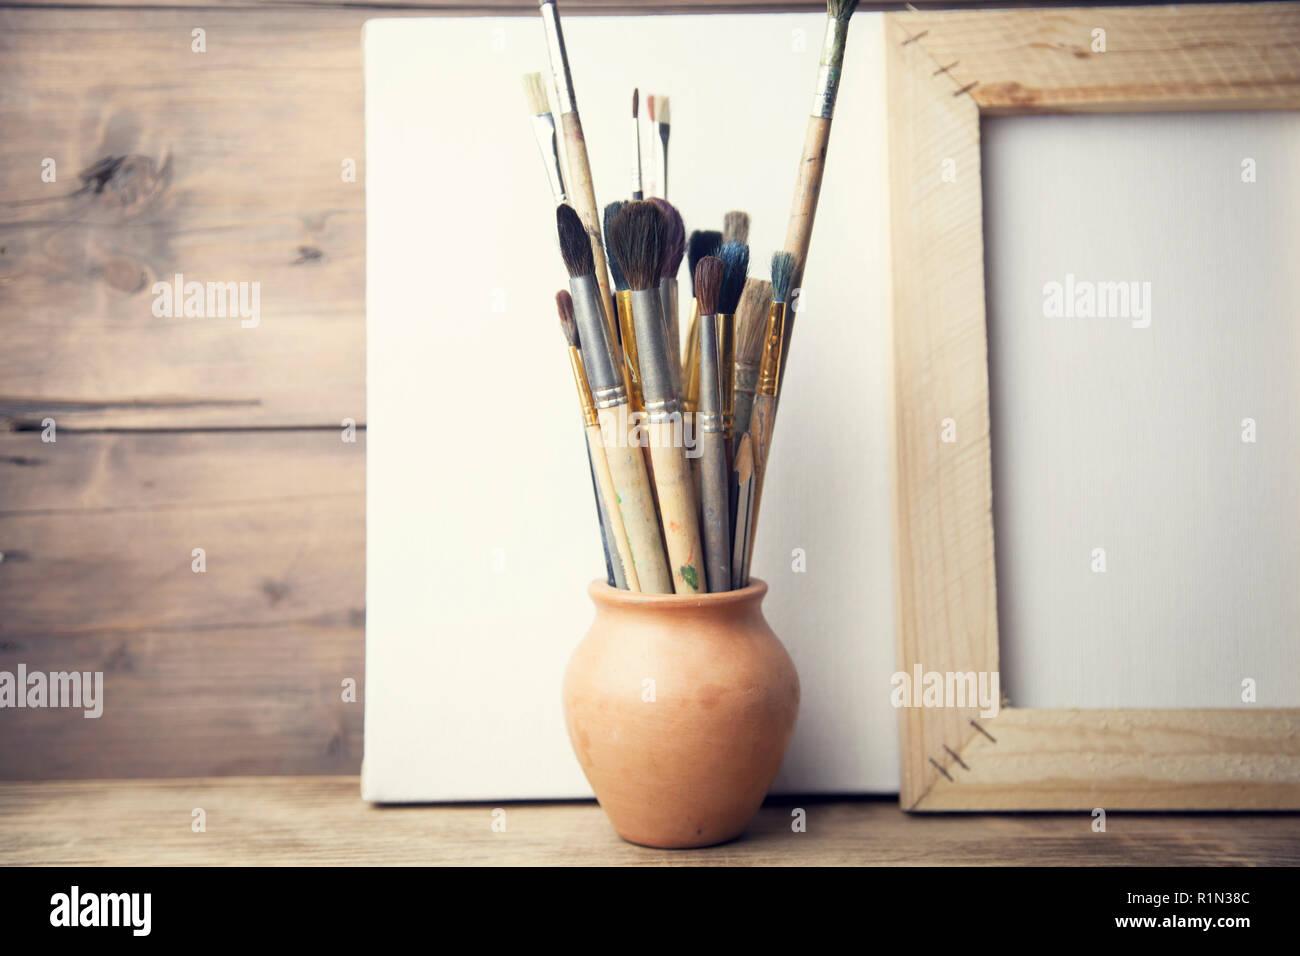 Pennelli per dipingere in tela bianca su sfondo di legno foto